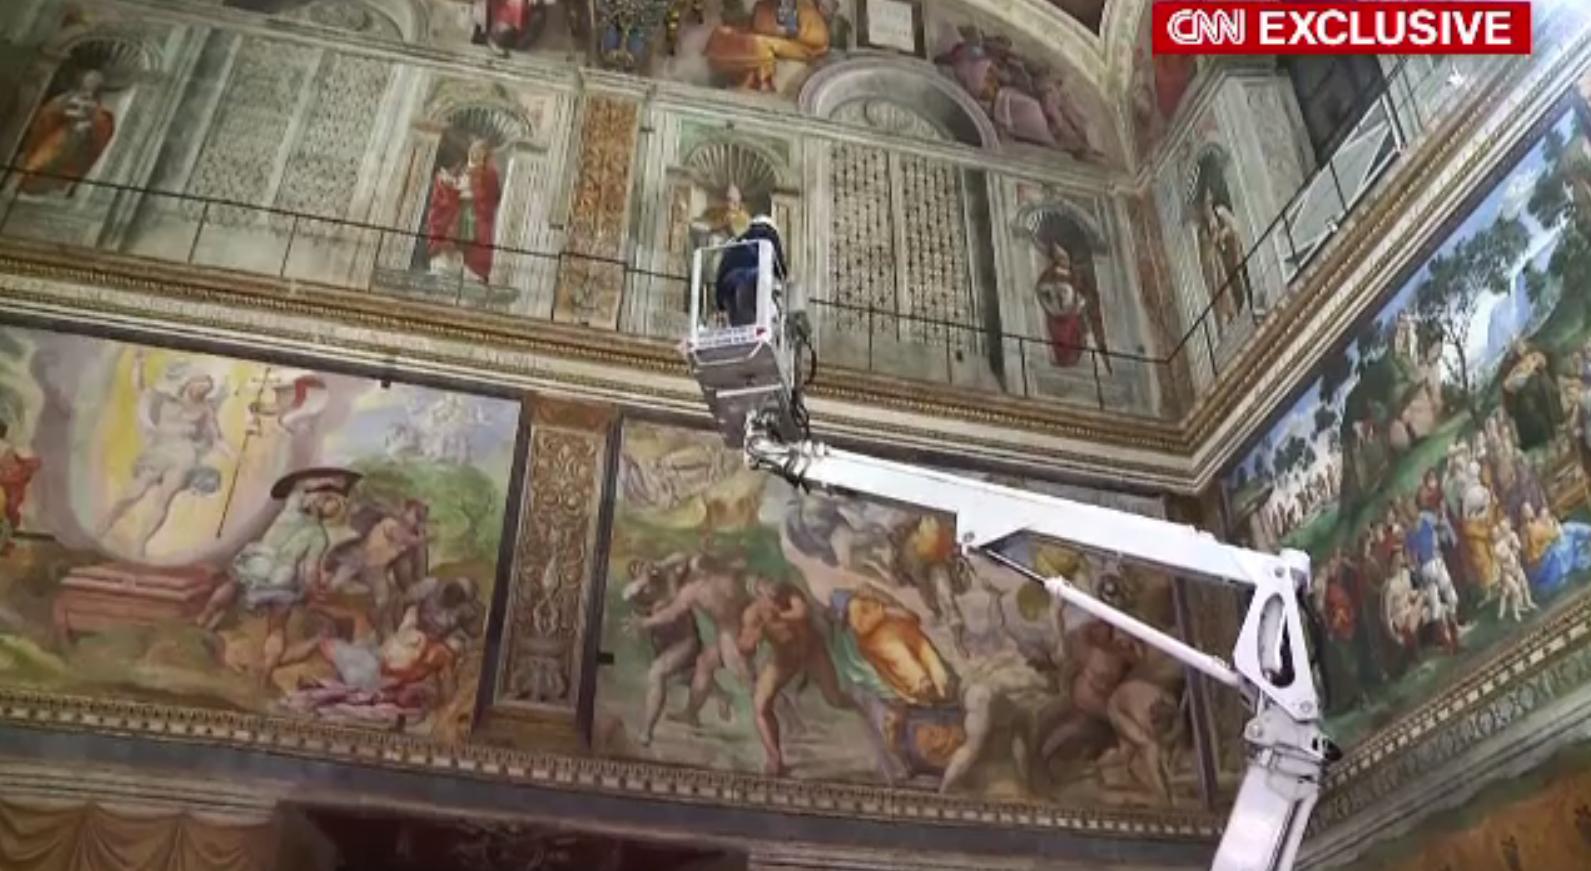 Capela Sixtină a intrat în restaurare. Frescele lui Michelangelo au de suferit din cauza vizitatorilor